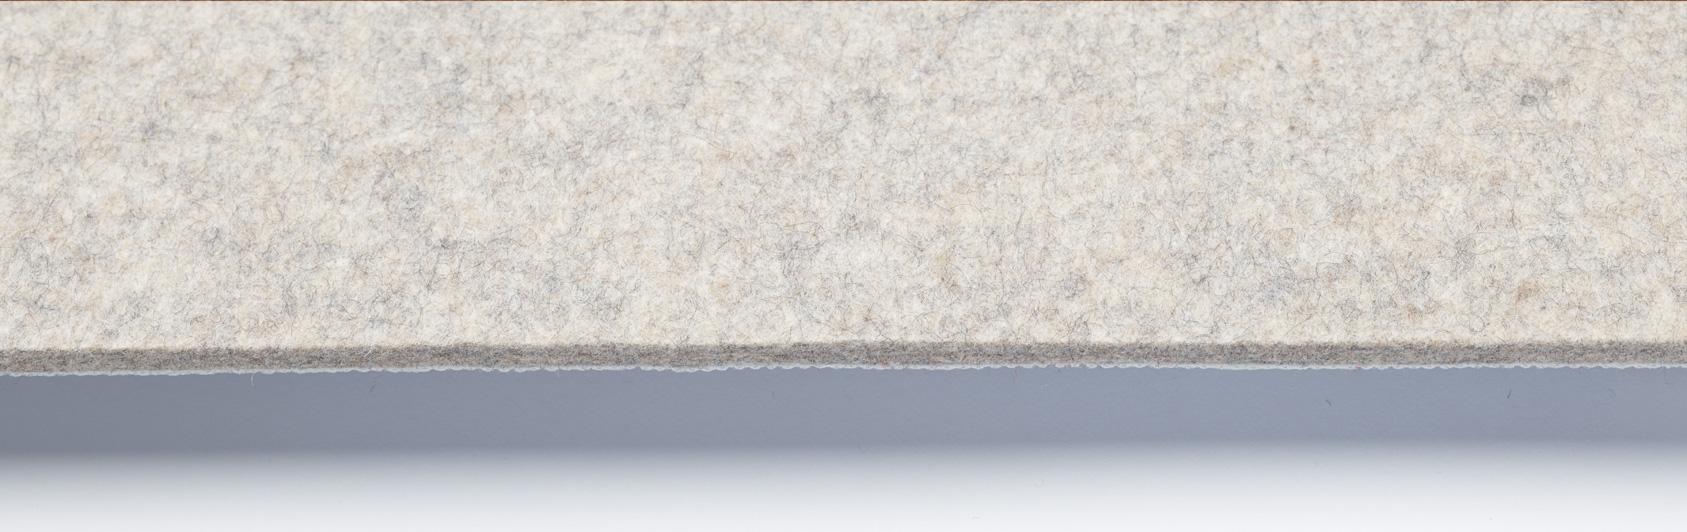 coussin qualité feutre couleur grise claire